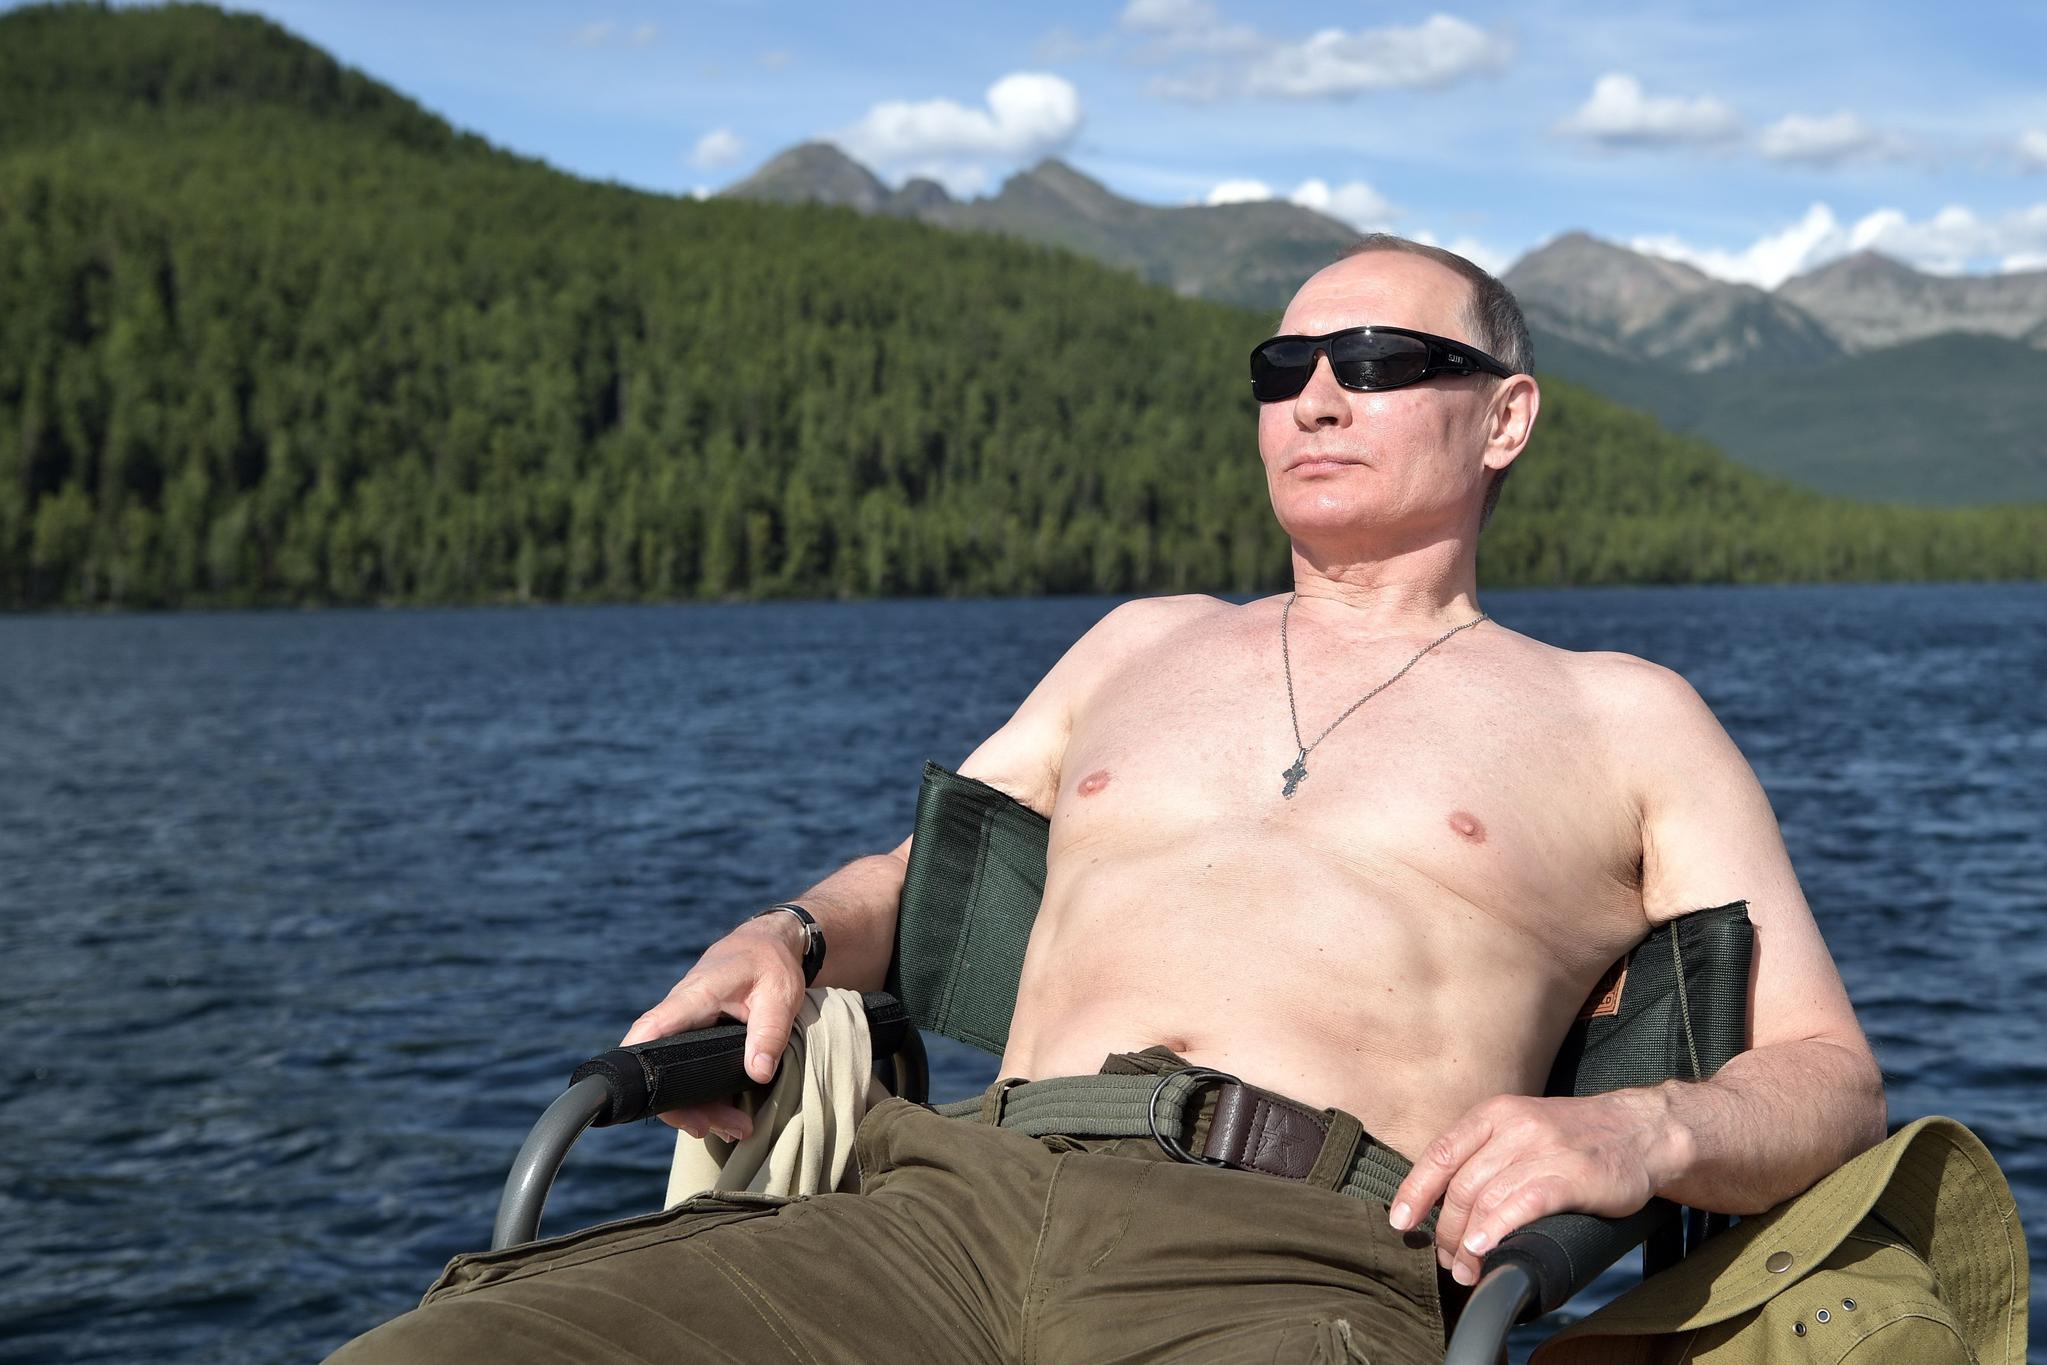 블라디미르 푸틴 러시아 대통령이 2017년 8월 초 남 시베리아 투야에서 일광욕을 즐기고 있다. 20년 전 금요일, 보리스 옐친 당시 러시아 대통령은 18개월이 채 안되는 기간에 그의 내각 네번째 총리를 임명했다. 그때까지만 해도 별로 알려지지 않은 보안 기관 수장이었던 푸틴은 20년이 지난 오늘까지 러시아 최고 권력에 머물고 있다. [AFP=연합뉴스]